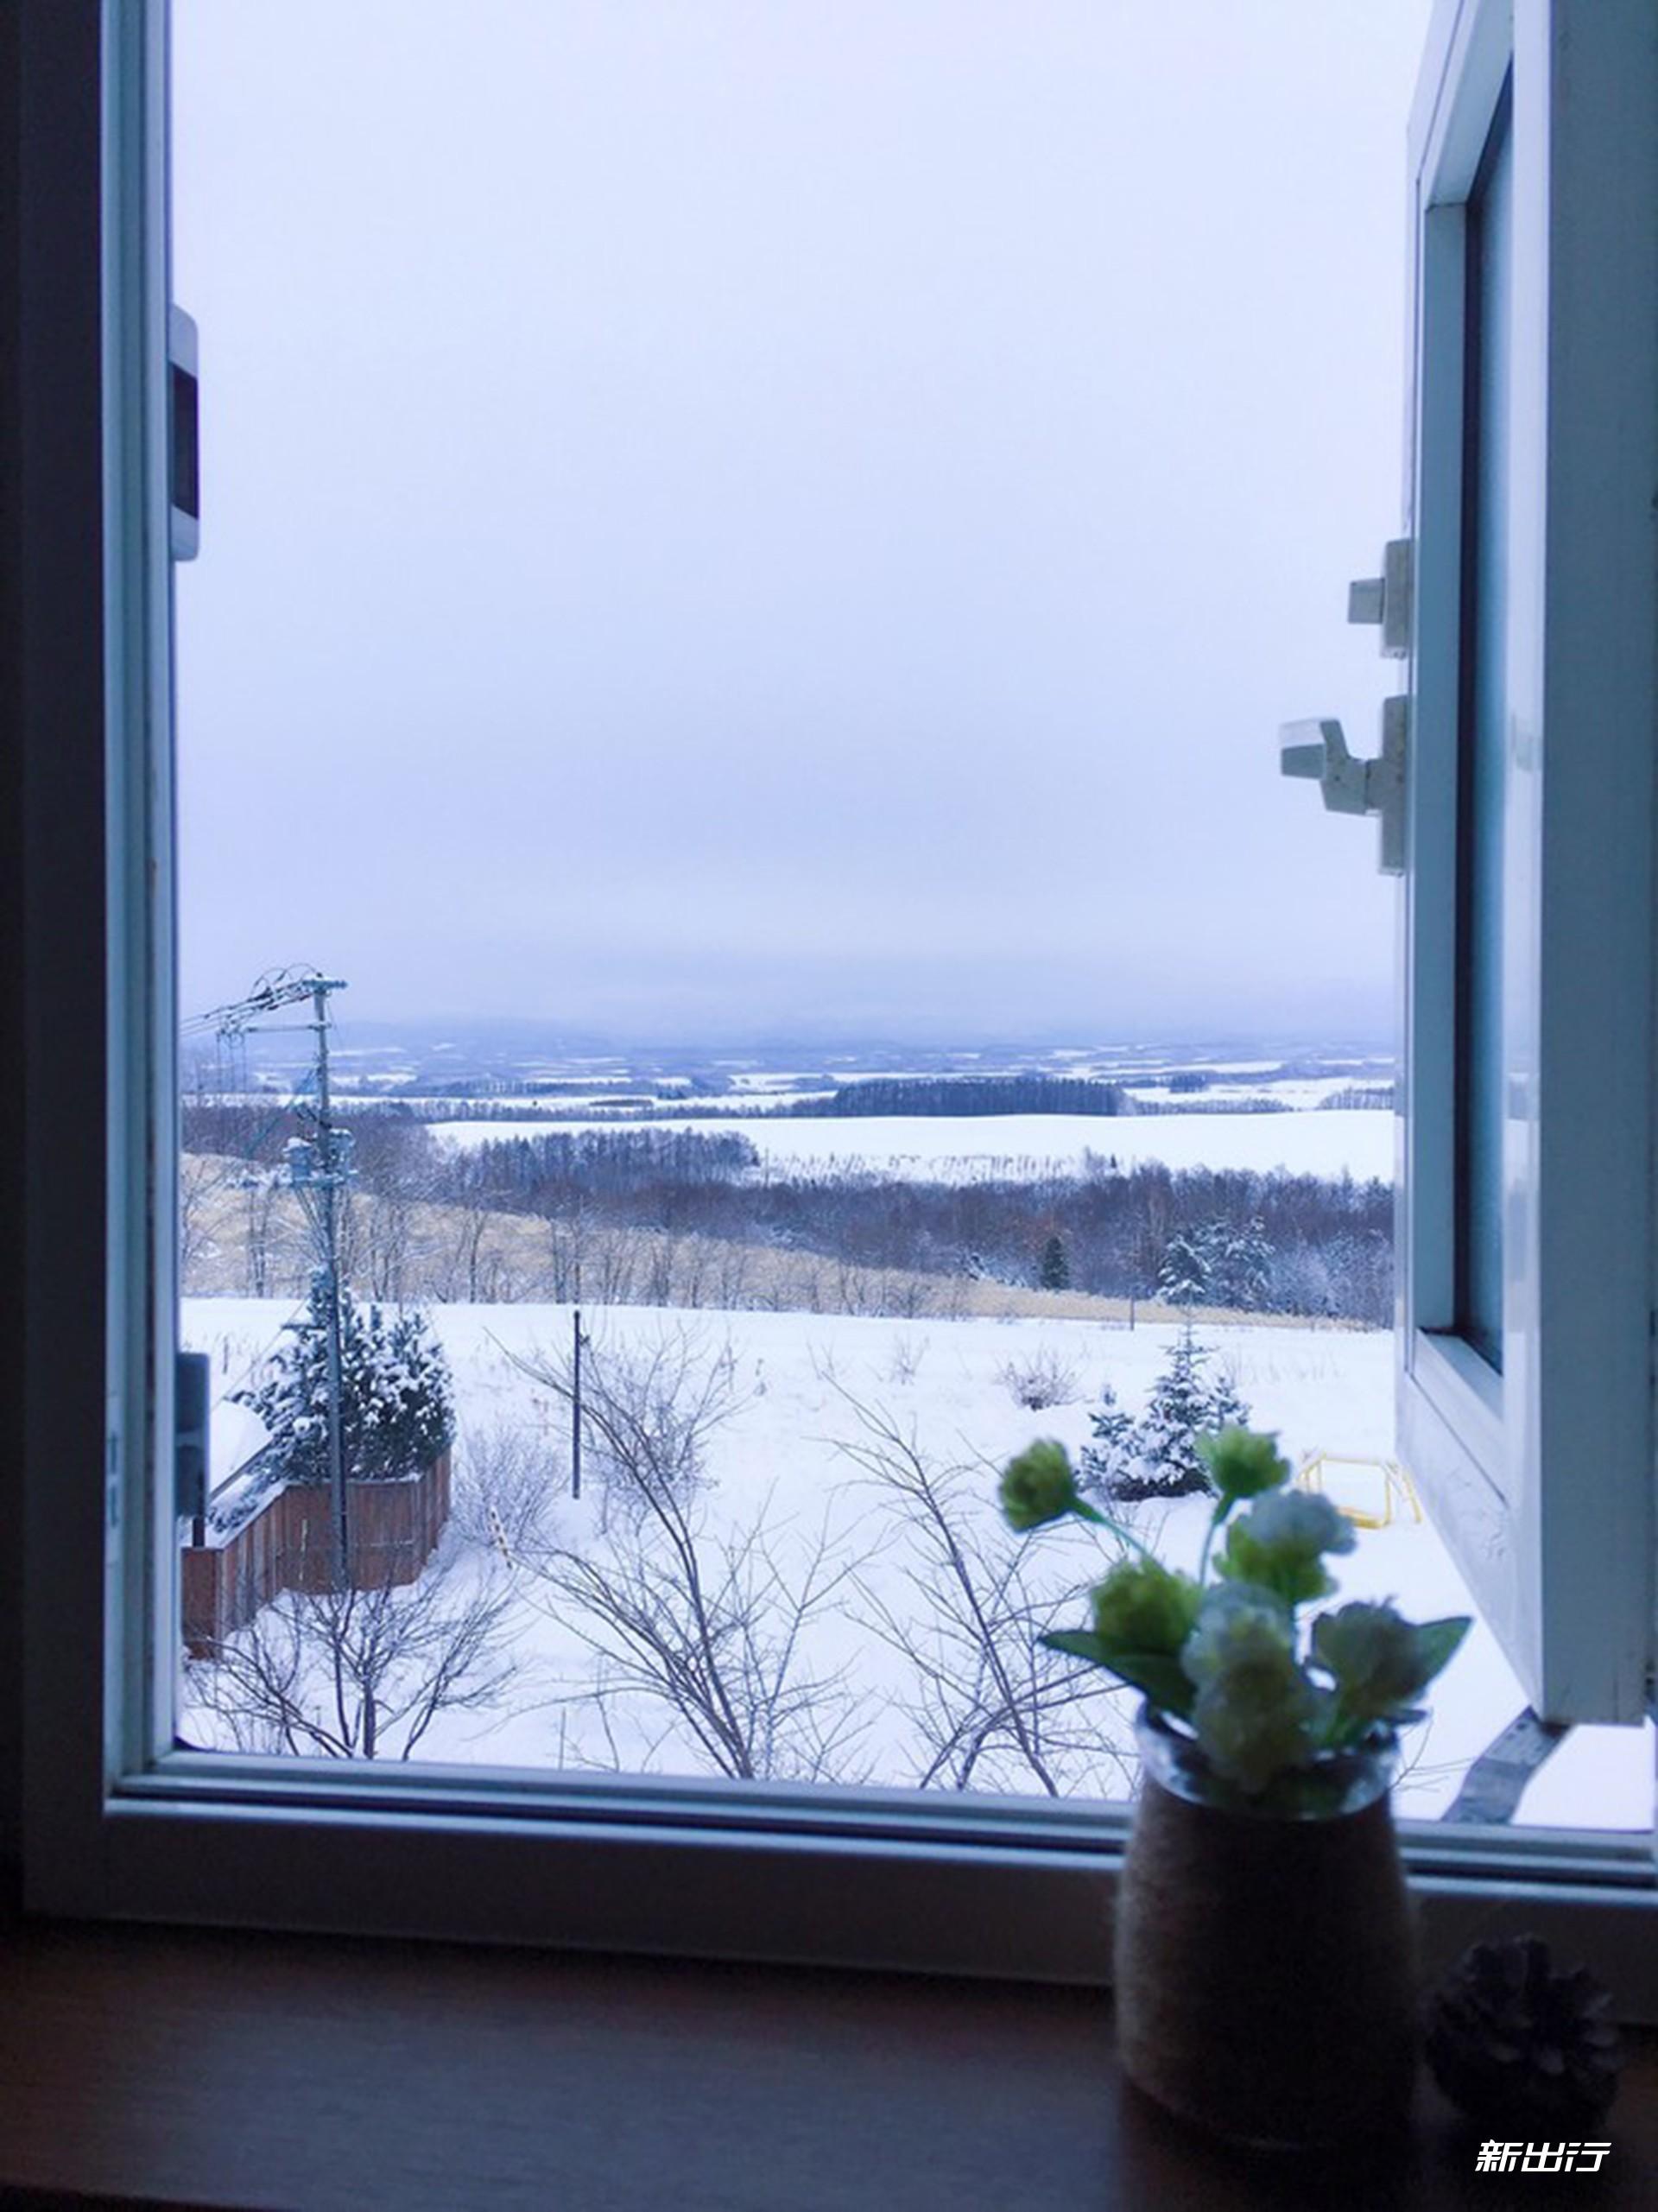 我被安排在旅馆最高处的小阁楼里.从这里的小窗外可以看到最美的风景.